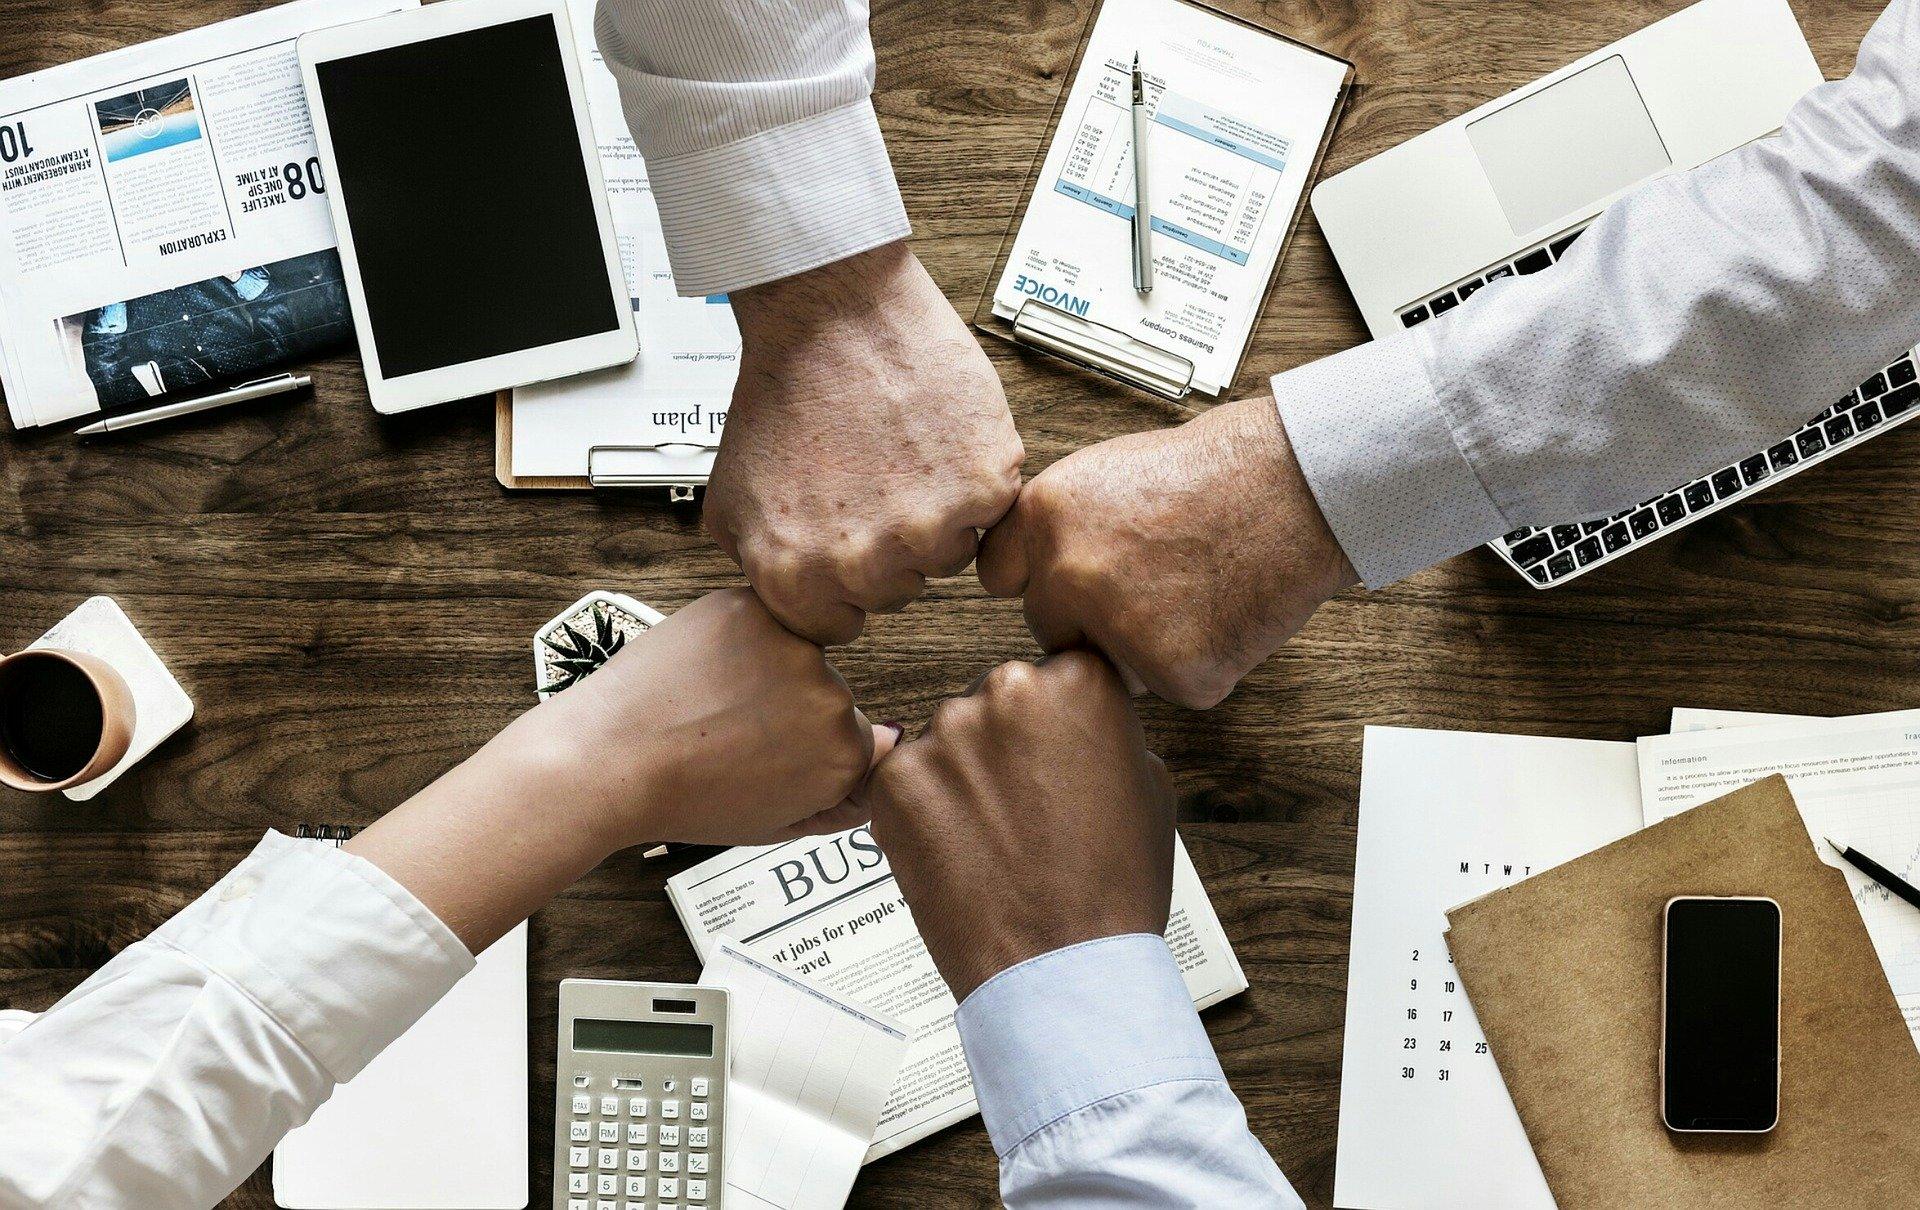 Hoe kan zelfsturing succesvol zijn in mijn bedrijf?